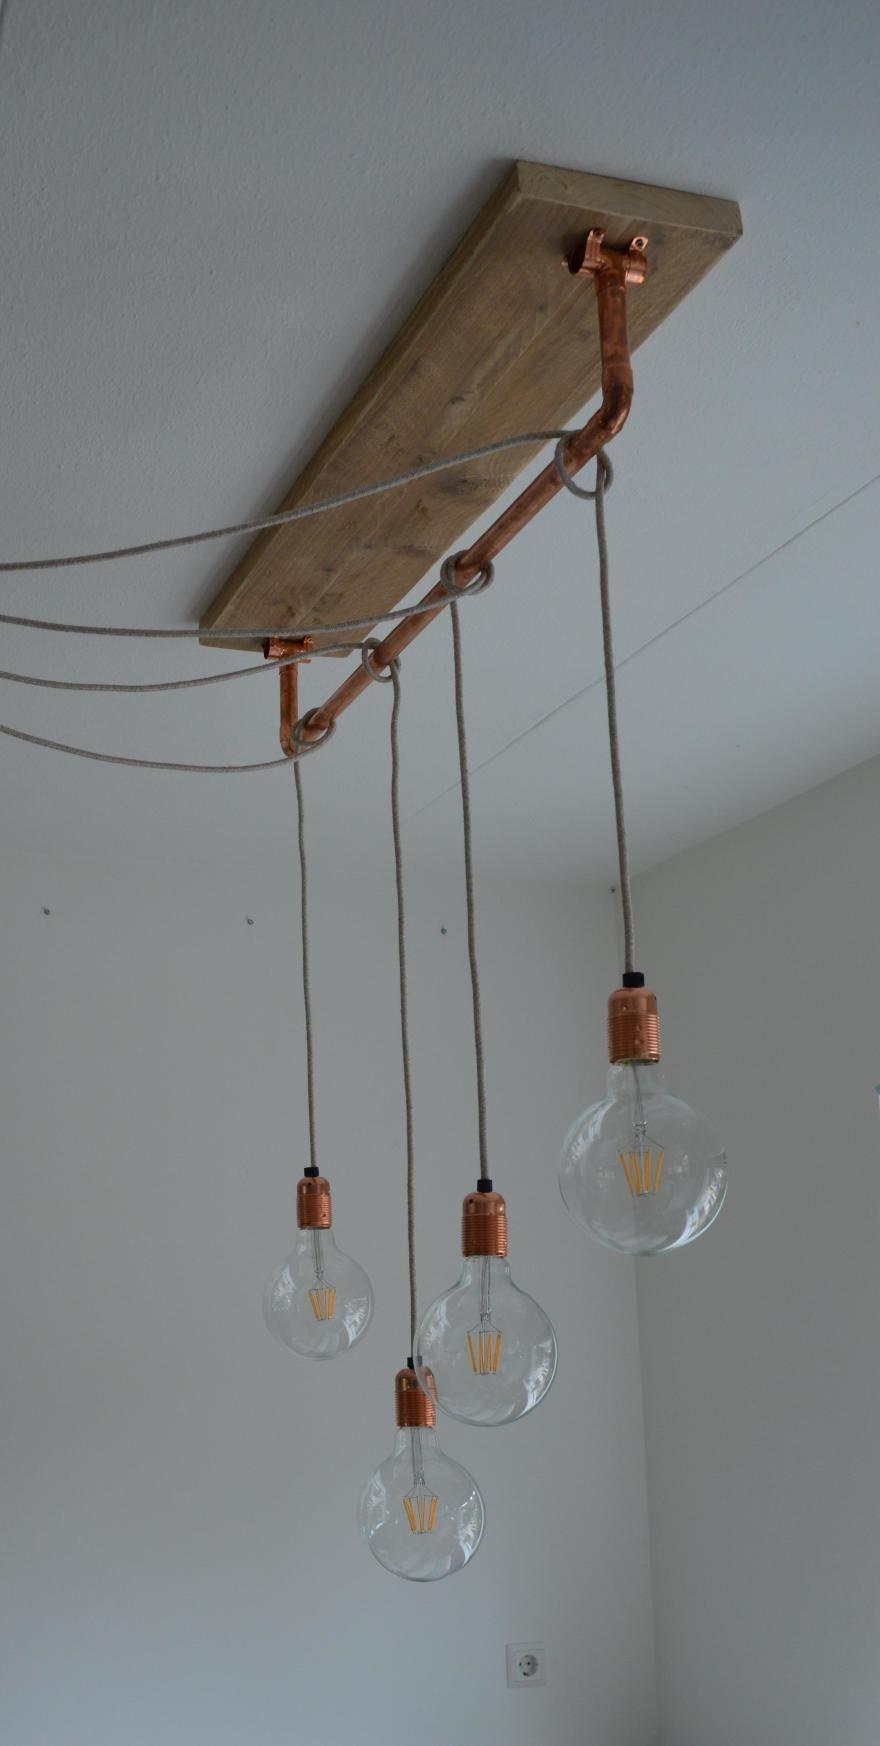 Hanglamp met gloeilampen en strijkijzersnoer pendellamp met koper